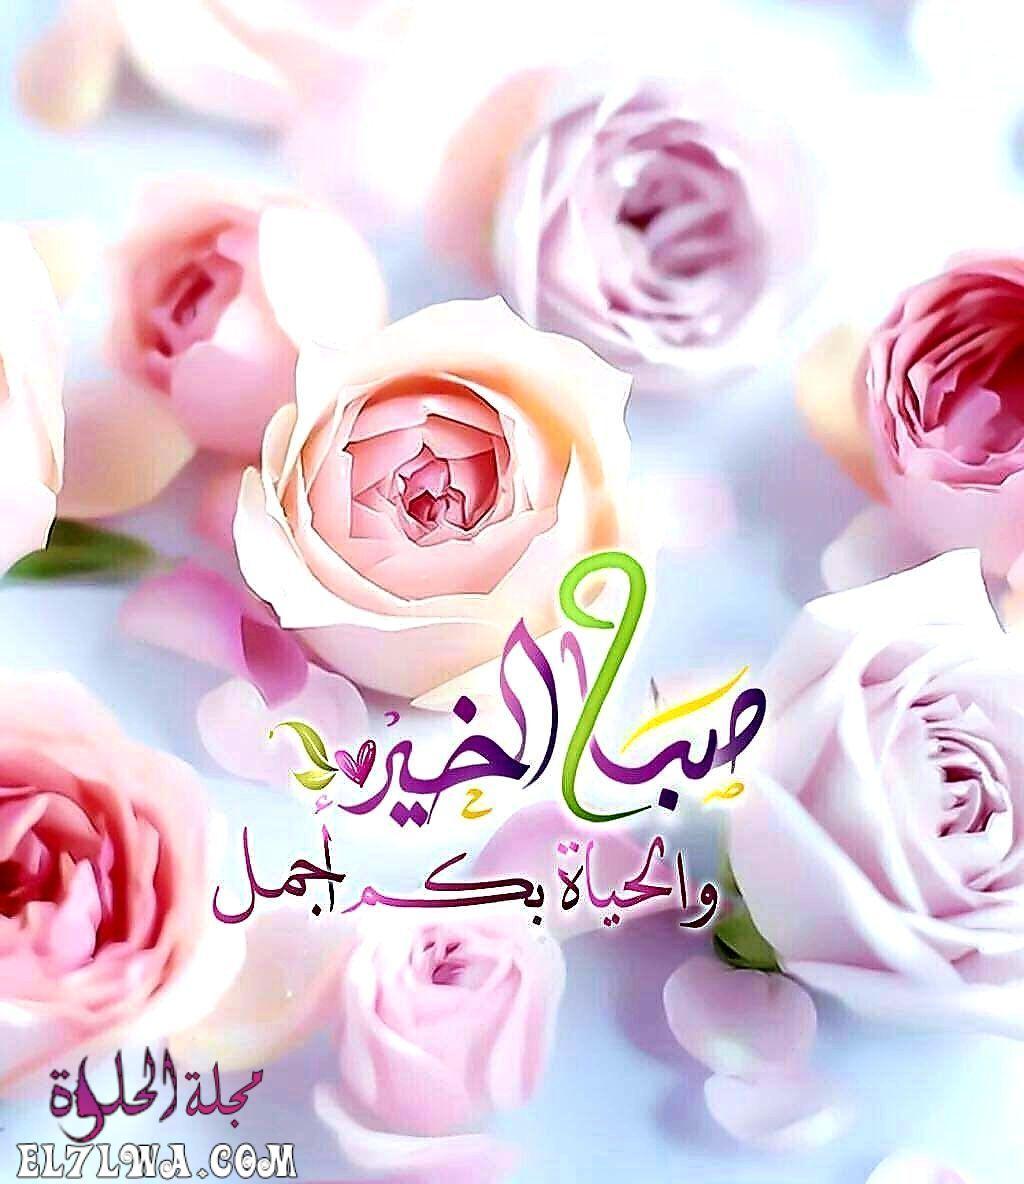 3315 7 - صباح الخير حبيبي أجمل كلمات الصباح للحبيب